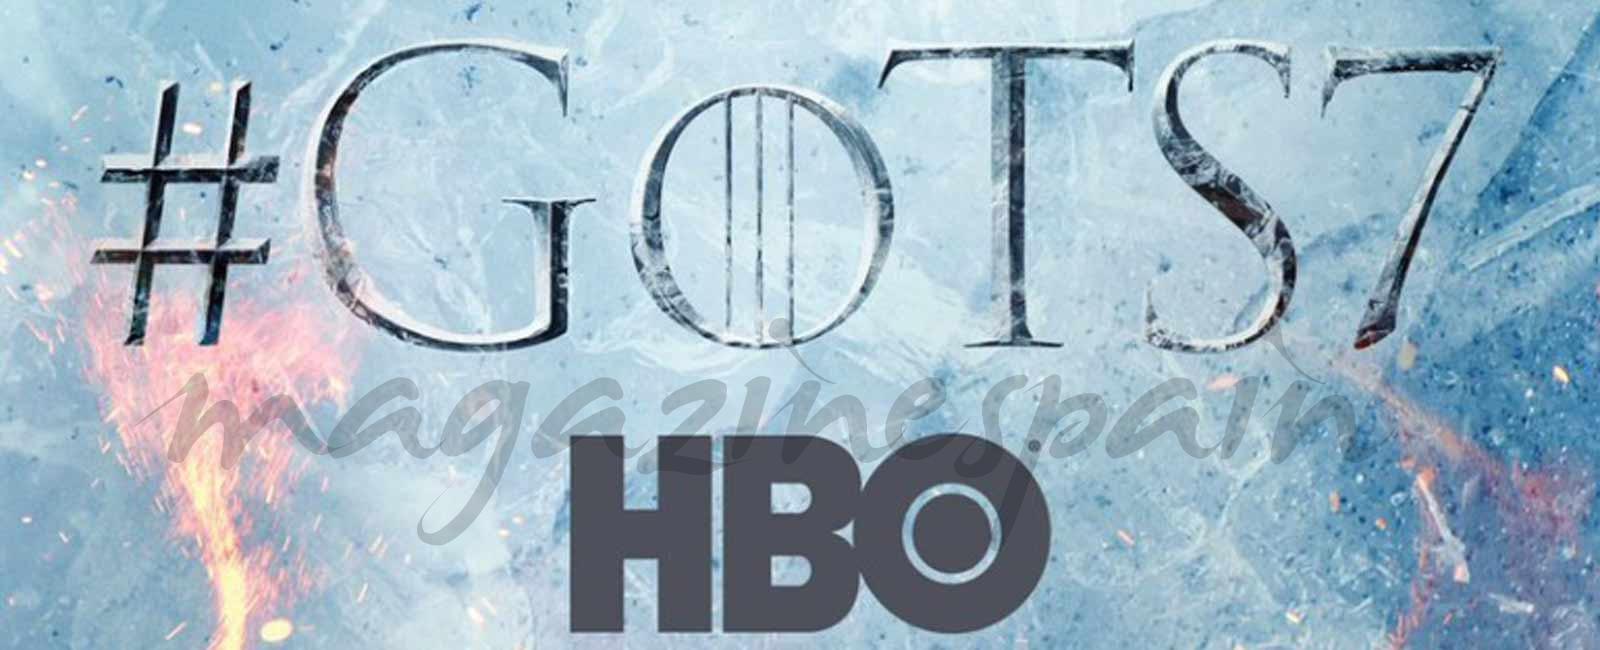 Juego de Tronos - septima temporada © HBO